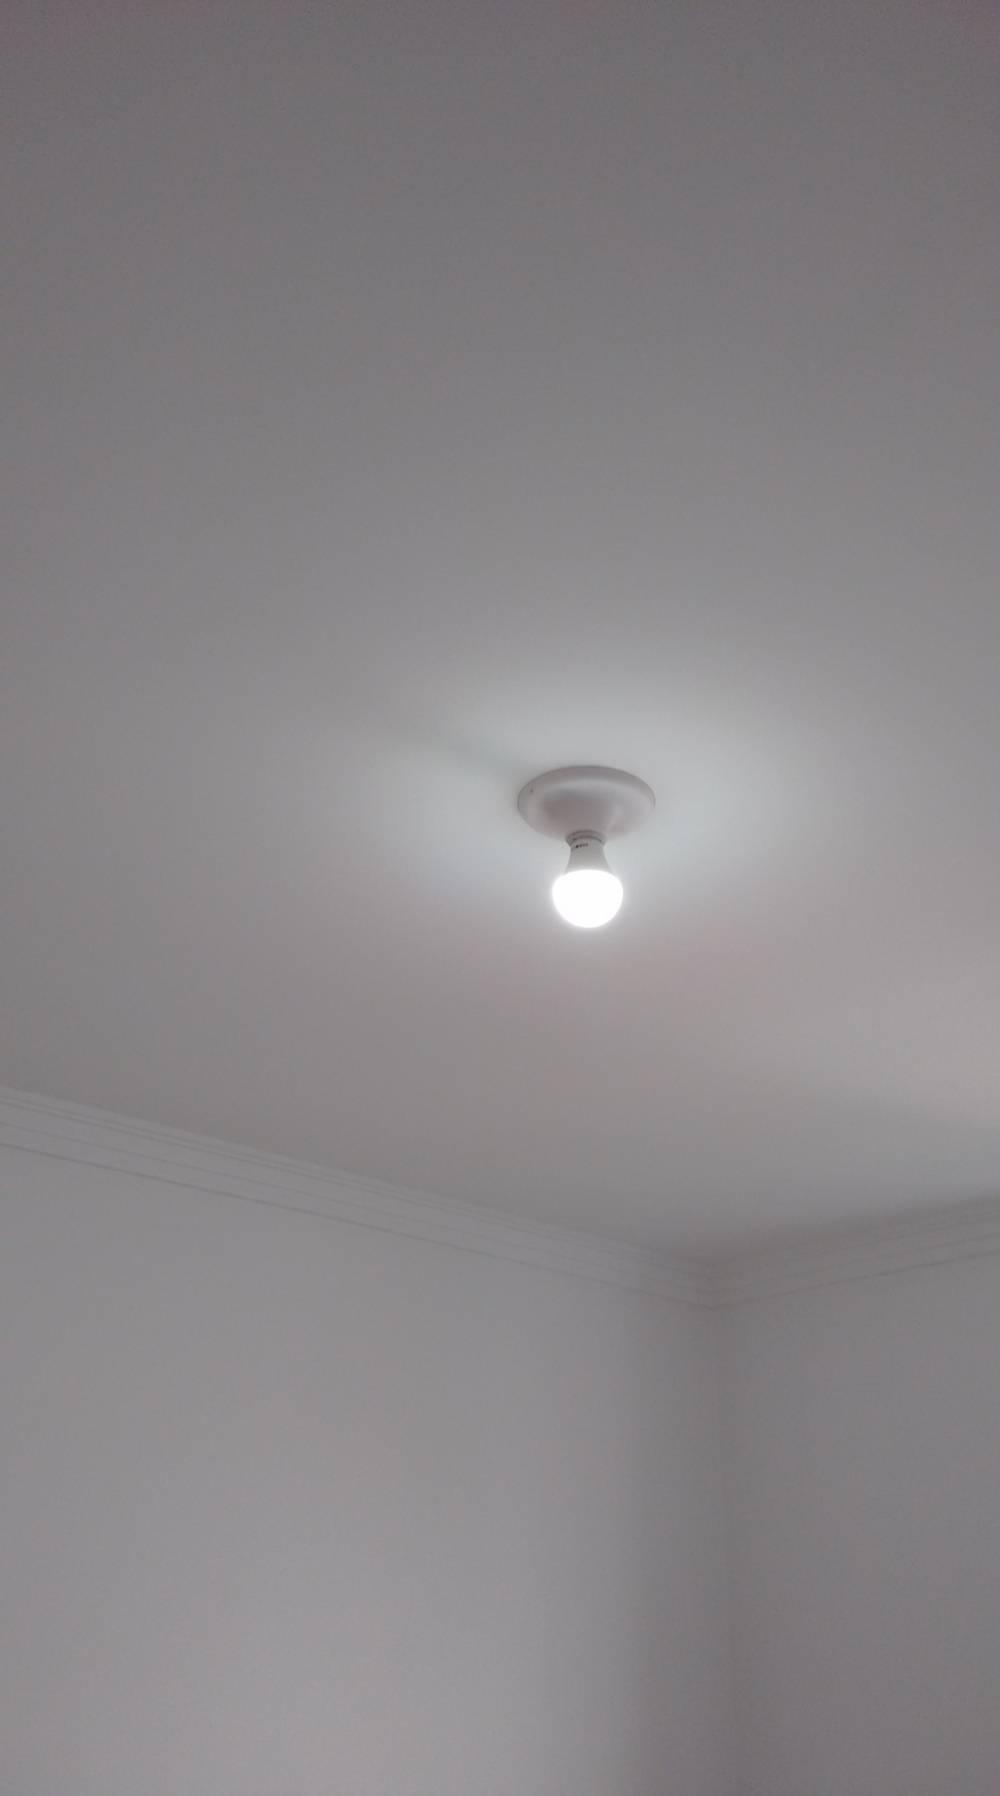 Serviço de Eletricidade Residencial Quanto Custa na Vila Linda - Manutenção Elétrica Residencial